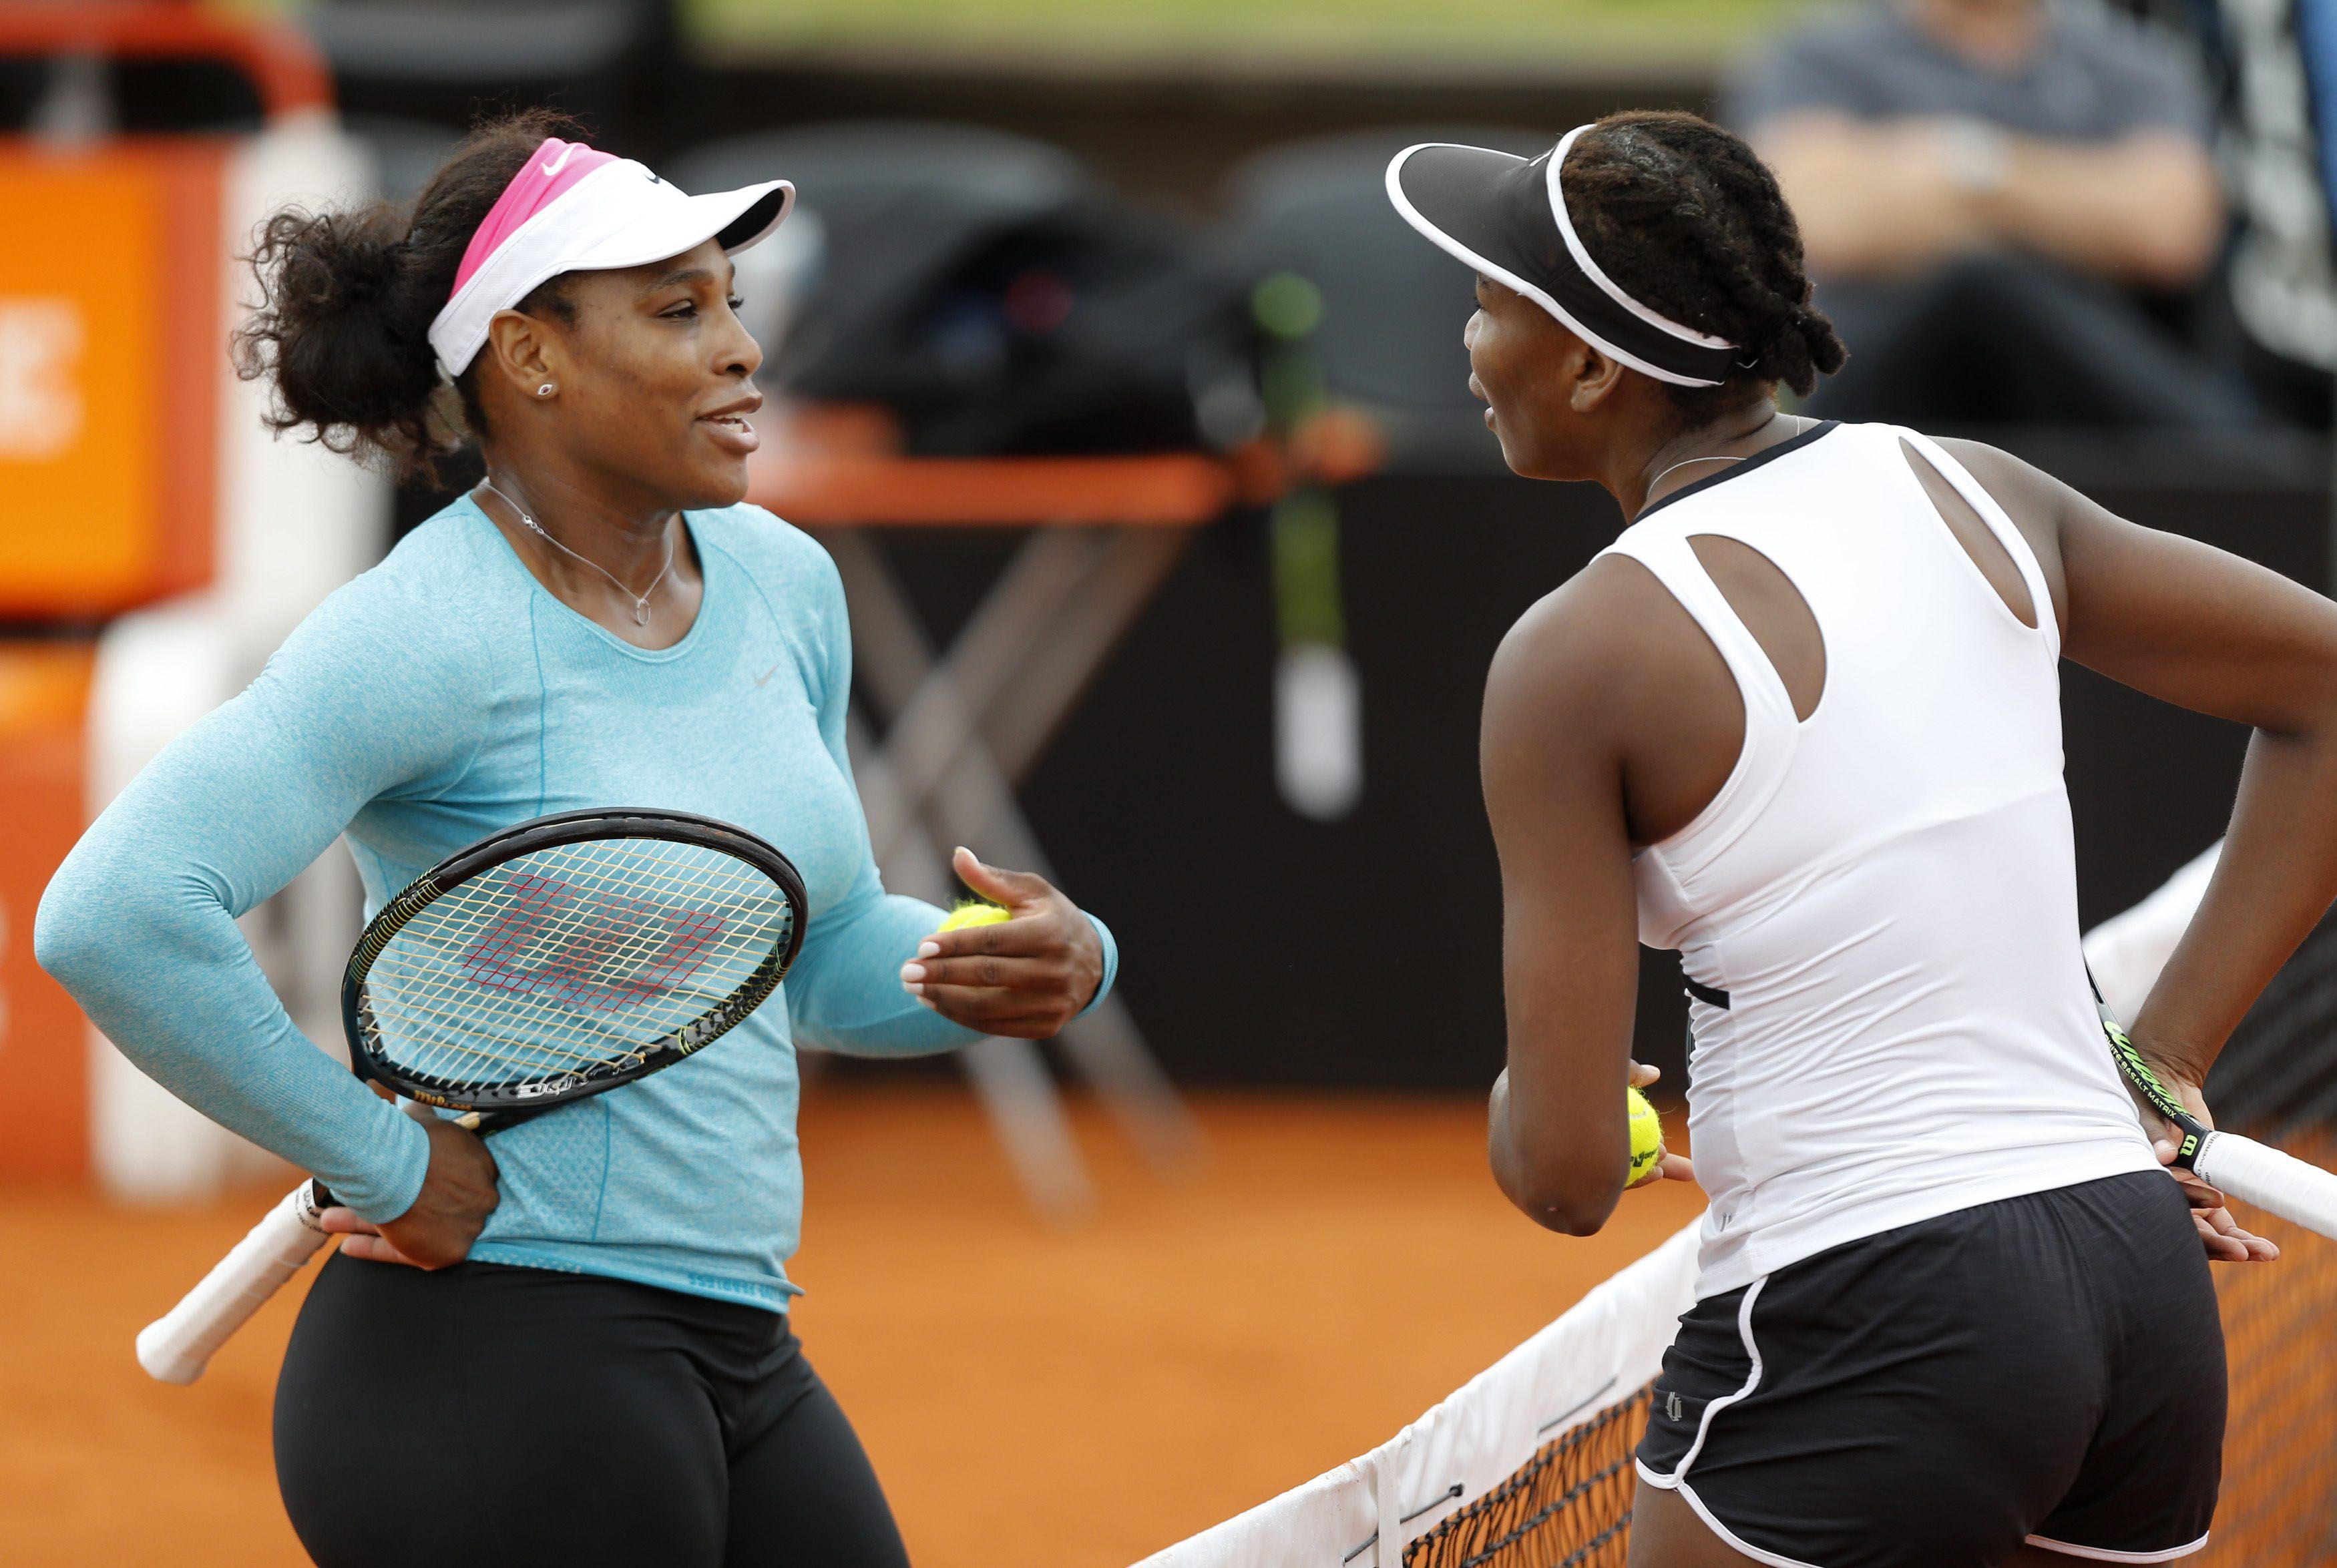 Serena y Venus entrenaron juntas por la mañana a las órdenes de la capitana Mary Joe Fernández. Un rato después hablaron con la prensa.